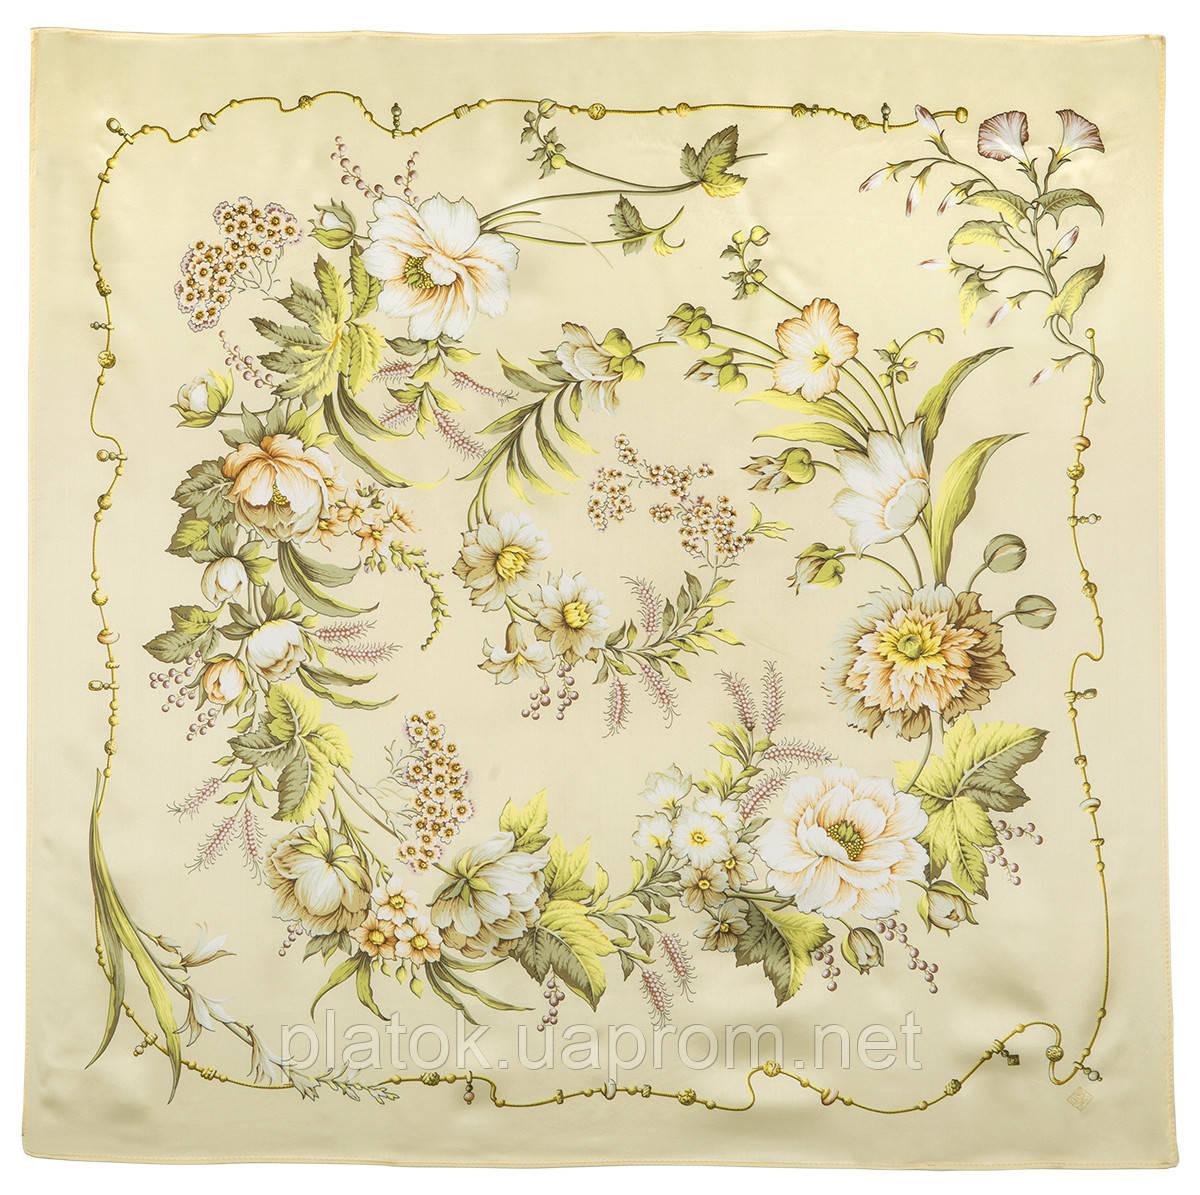 Белый танец 1455-2, павлопосадский платок (атлас) шелковый с подрубкой